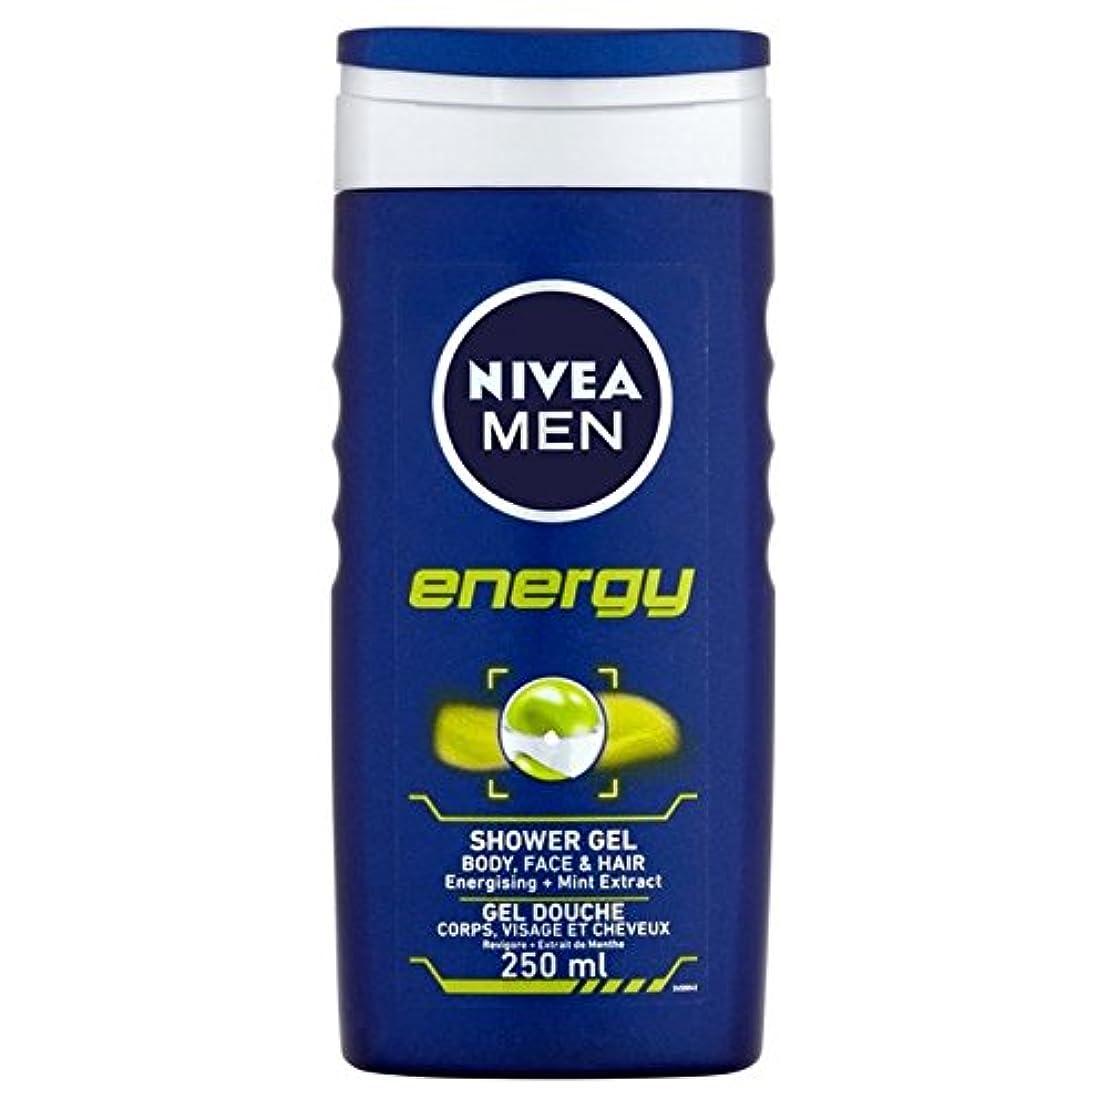 羊唯物論過度にNivea Men Energy 2 in 1 Shower 250ml - 1つのシャワー250ミリリットル中ニベアの男性のエネルギー2 [並行輸入品]